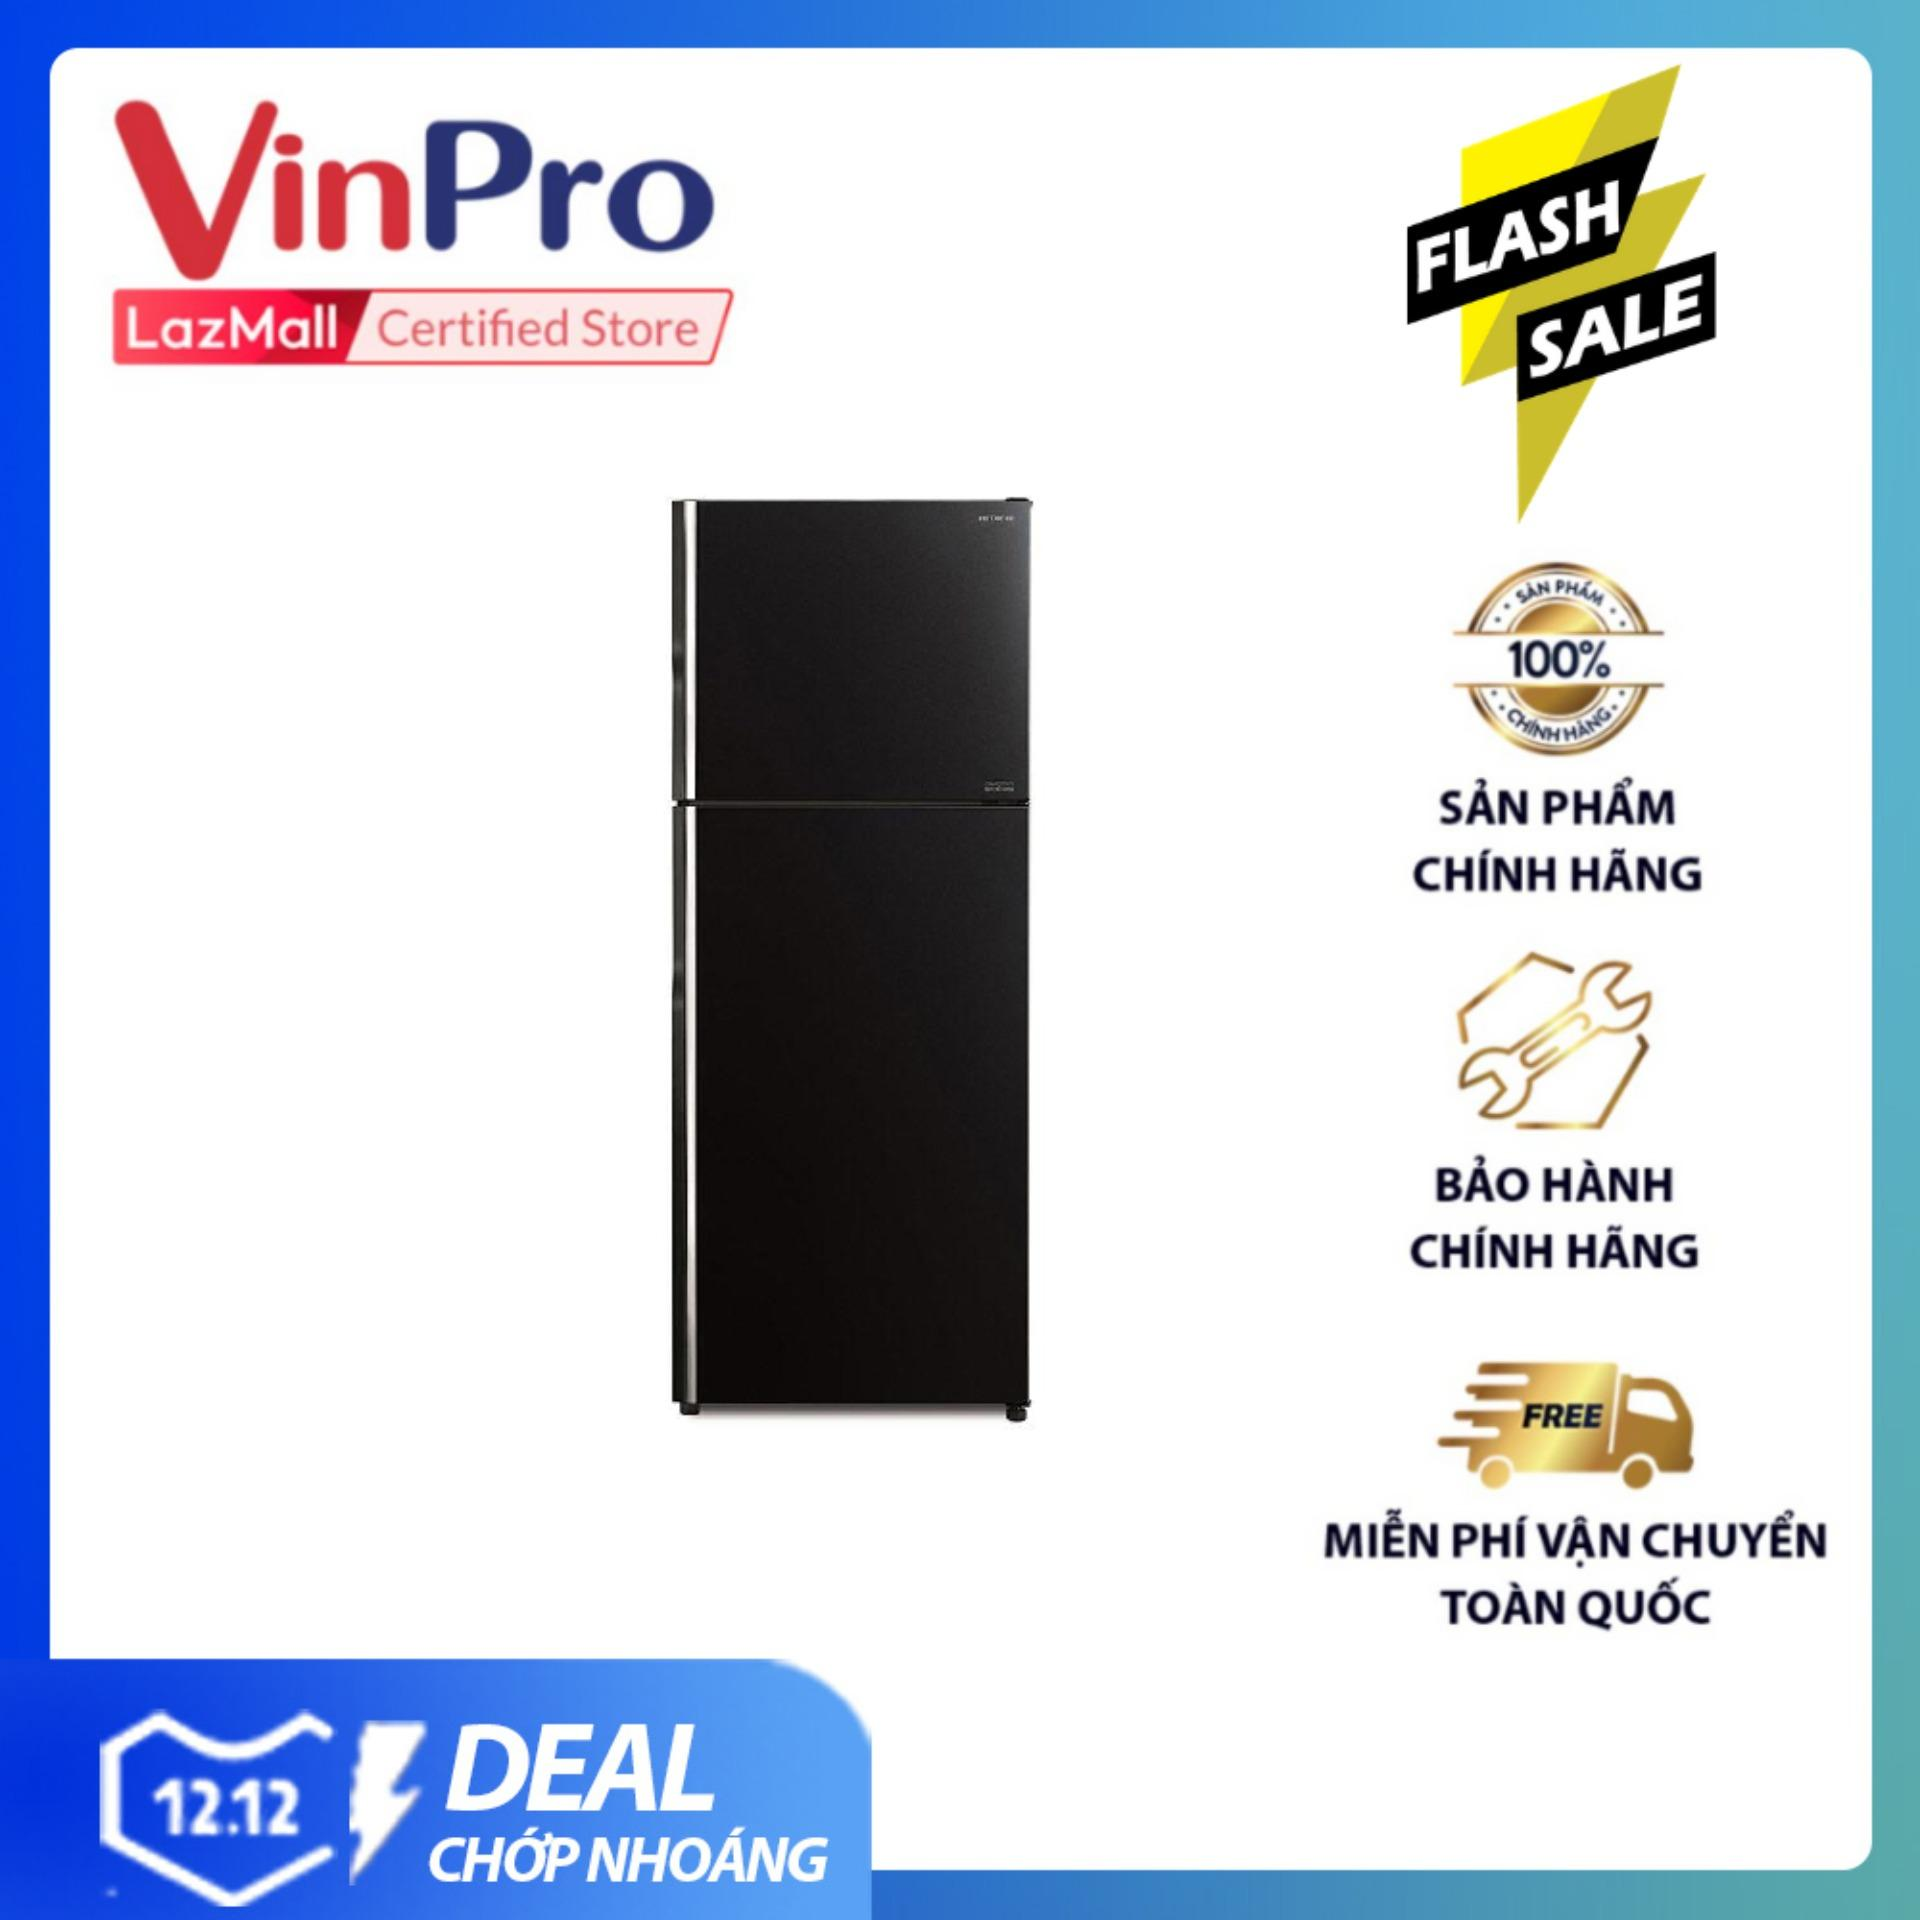 Không Thể Bỏ Qua Giá Hot với Tủ Lạnh Hitachi Inverter R-FG510PGV8(GBK) 406L (Màu đen) - Hàng Phân Phối Chính Hãng, Tiết Kiệm điện - Hàng Chính Hãng